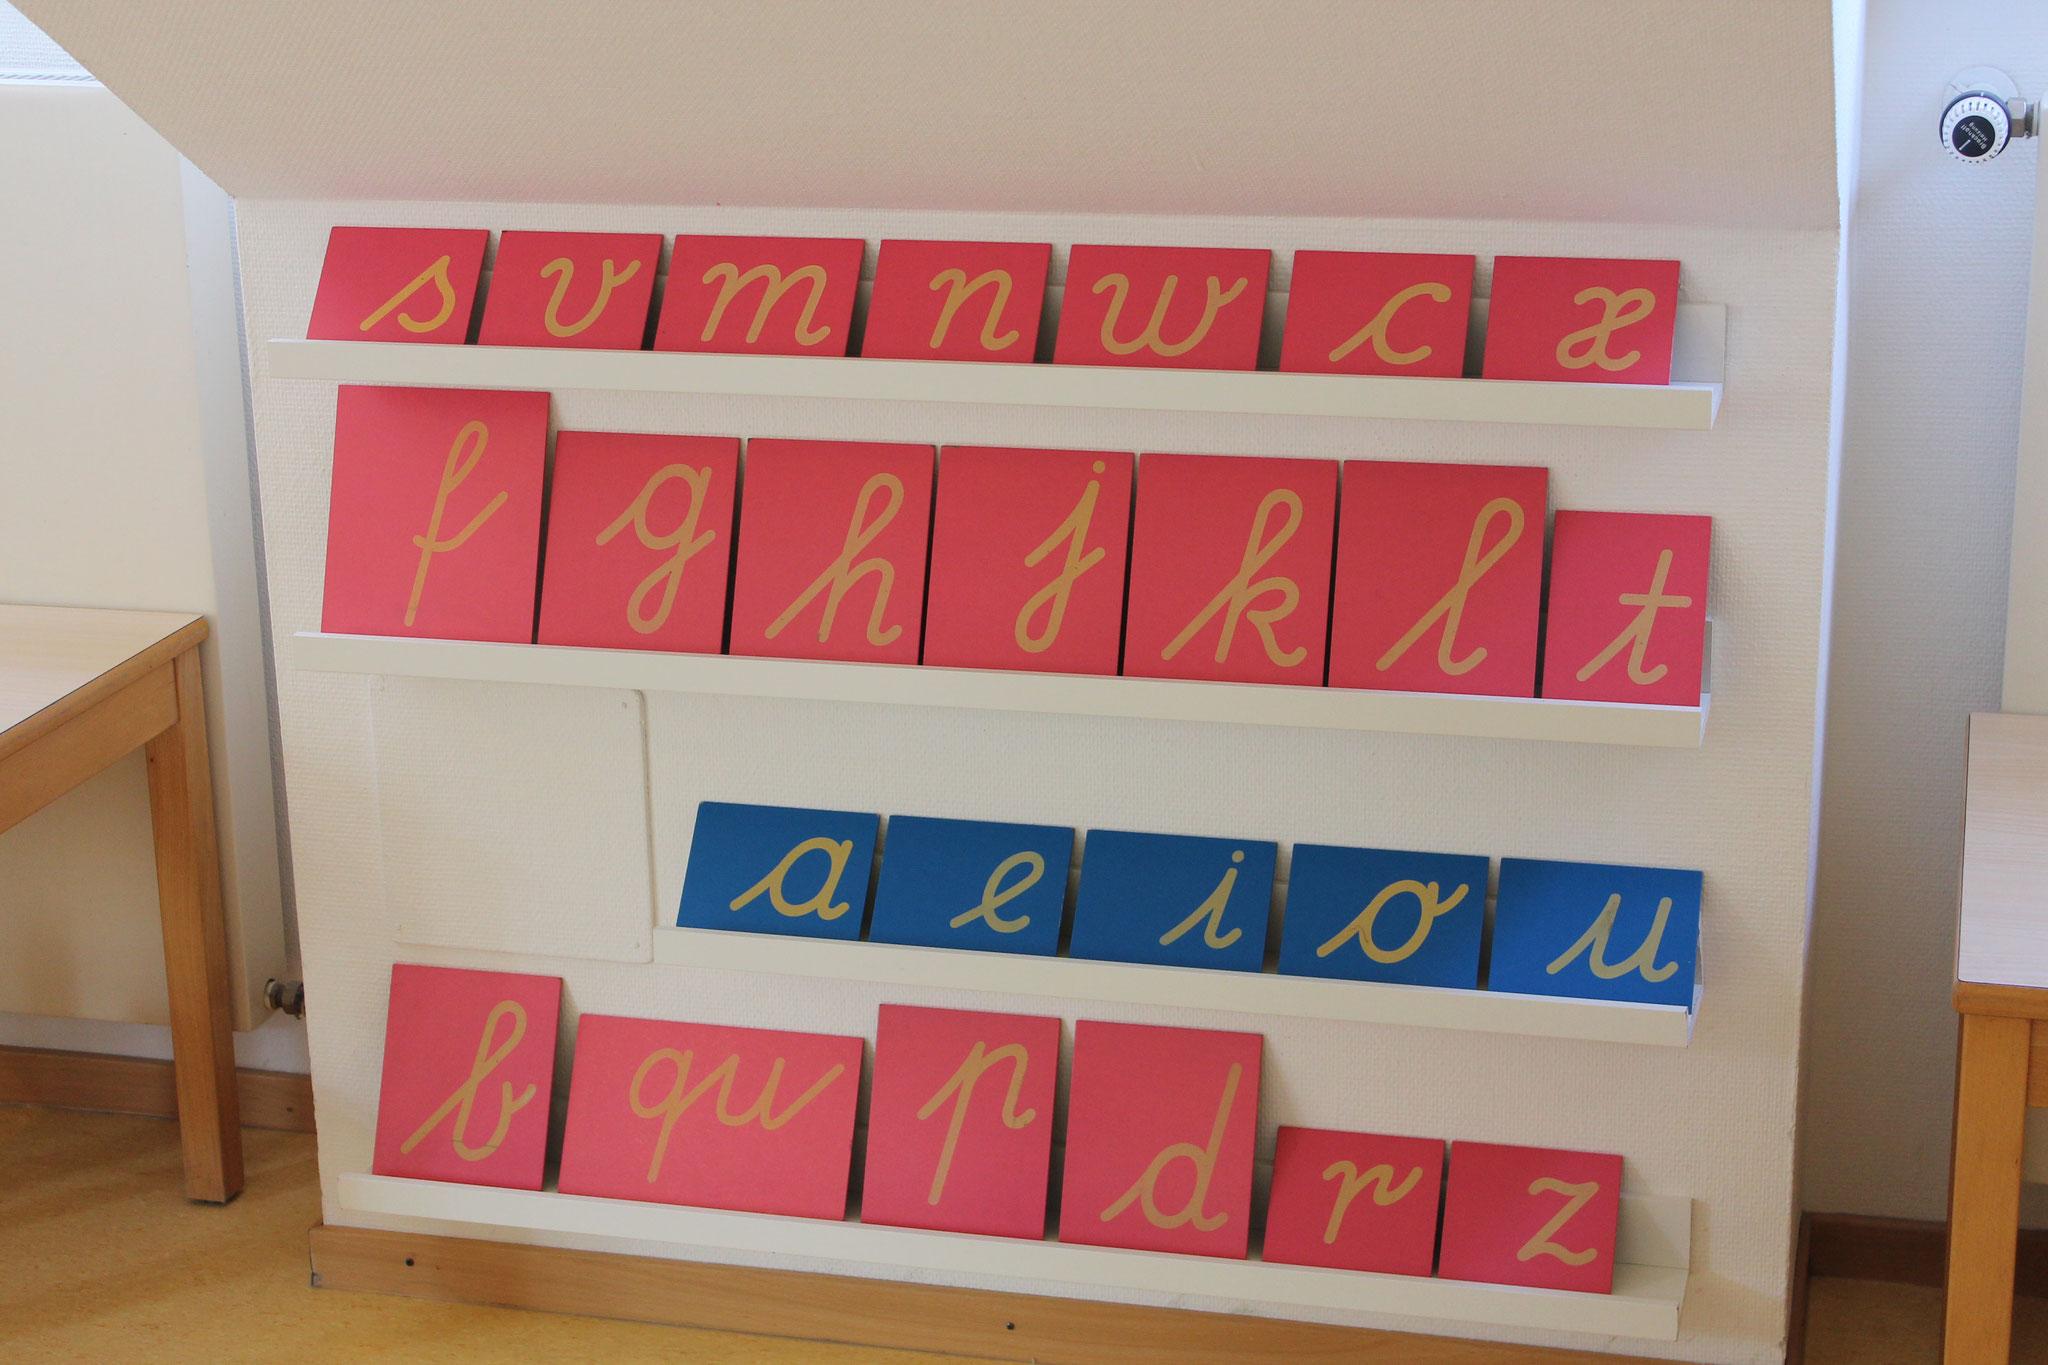 Sandpapierbuchstaben